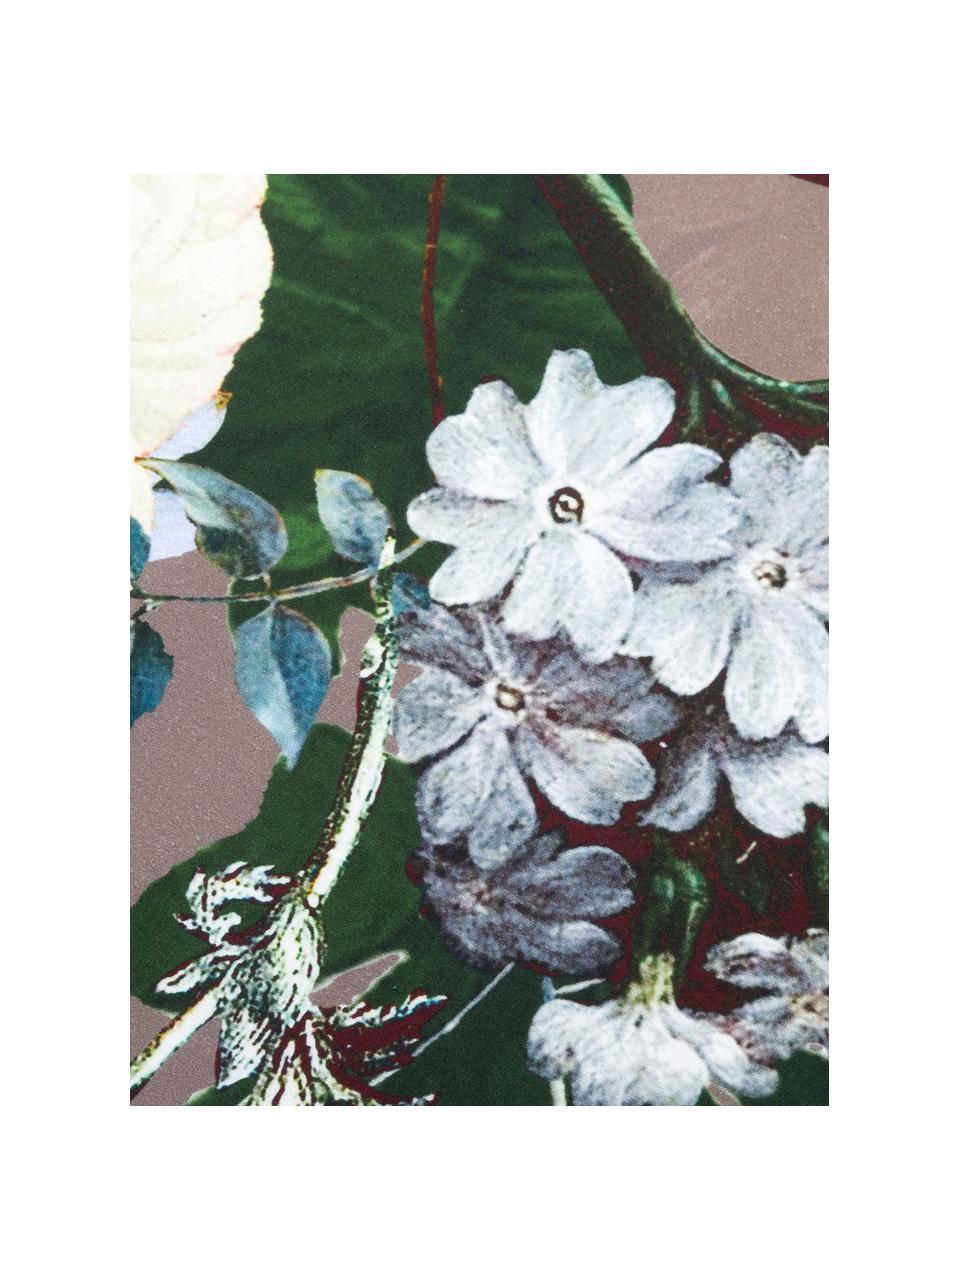 Dwustronna pościel z satyny bawełnianej  Fleur, Taupe, wielobarwny (biały, zielony, żółty), 135 x 200 cm + 1 poduszka 80 x 80 cm